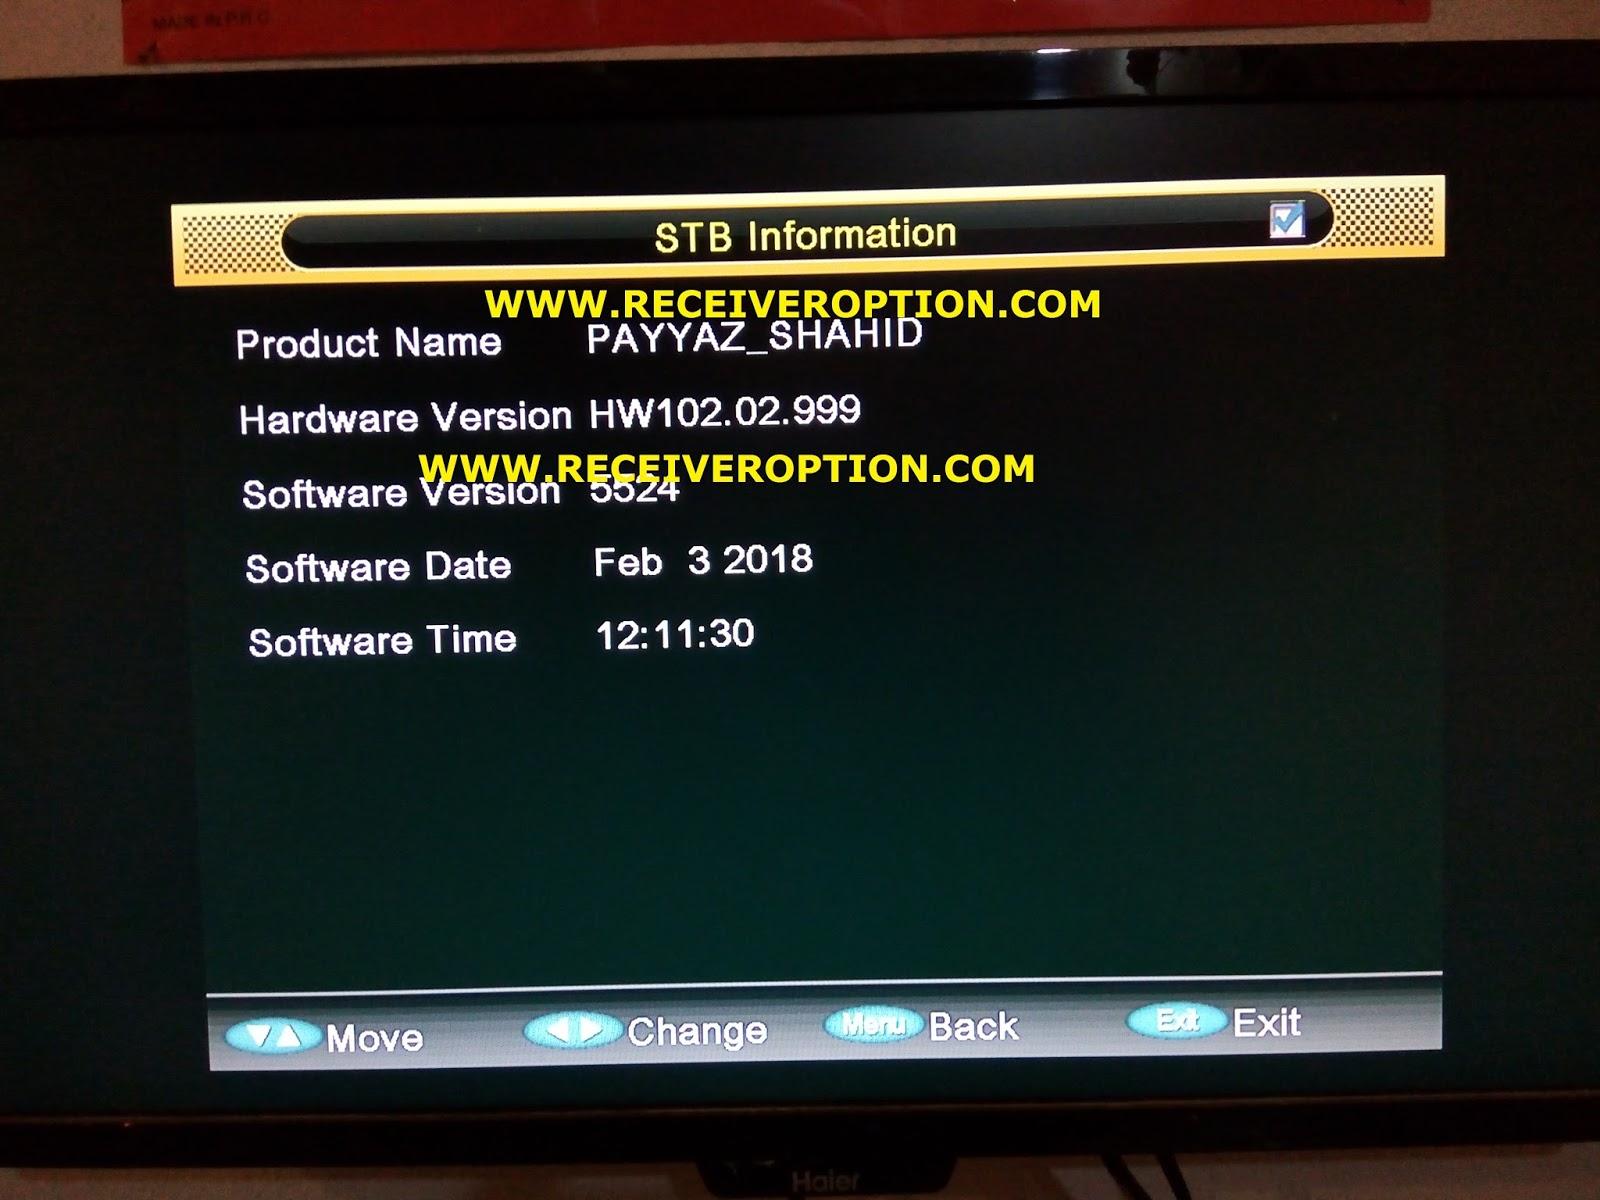 ECHOLINK 9595 GALAXY HD RECEIVER AUTO ROLL POWERVU KEY NEW